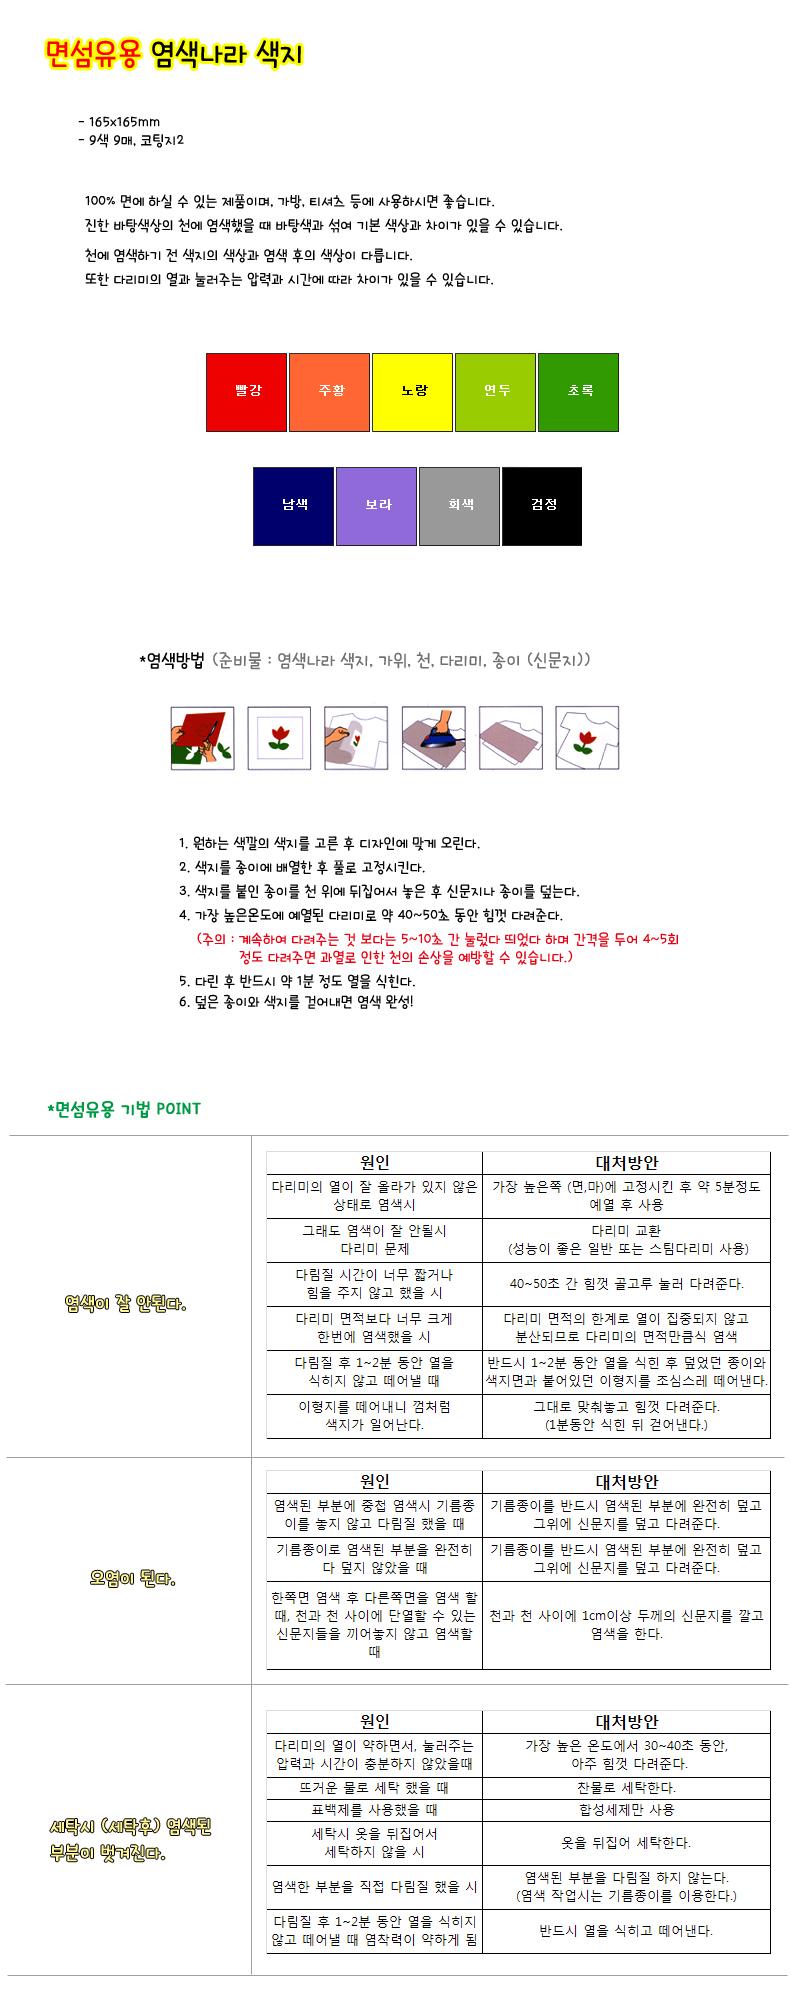 [아트모아] 염색나라 -면섬유용 / 염색용색종이 - 청양토이, 6,600원, 화방지류, 색종이